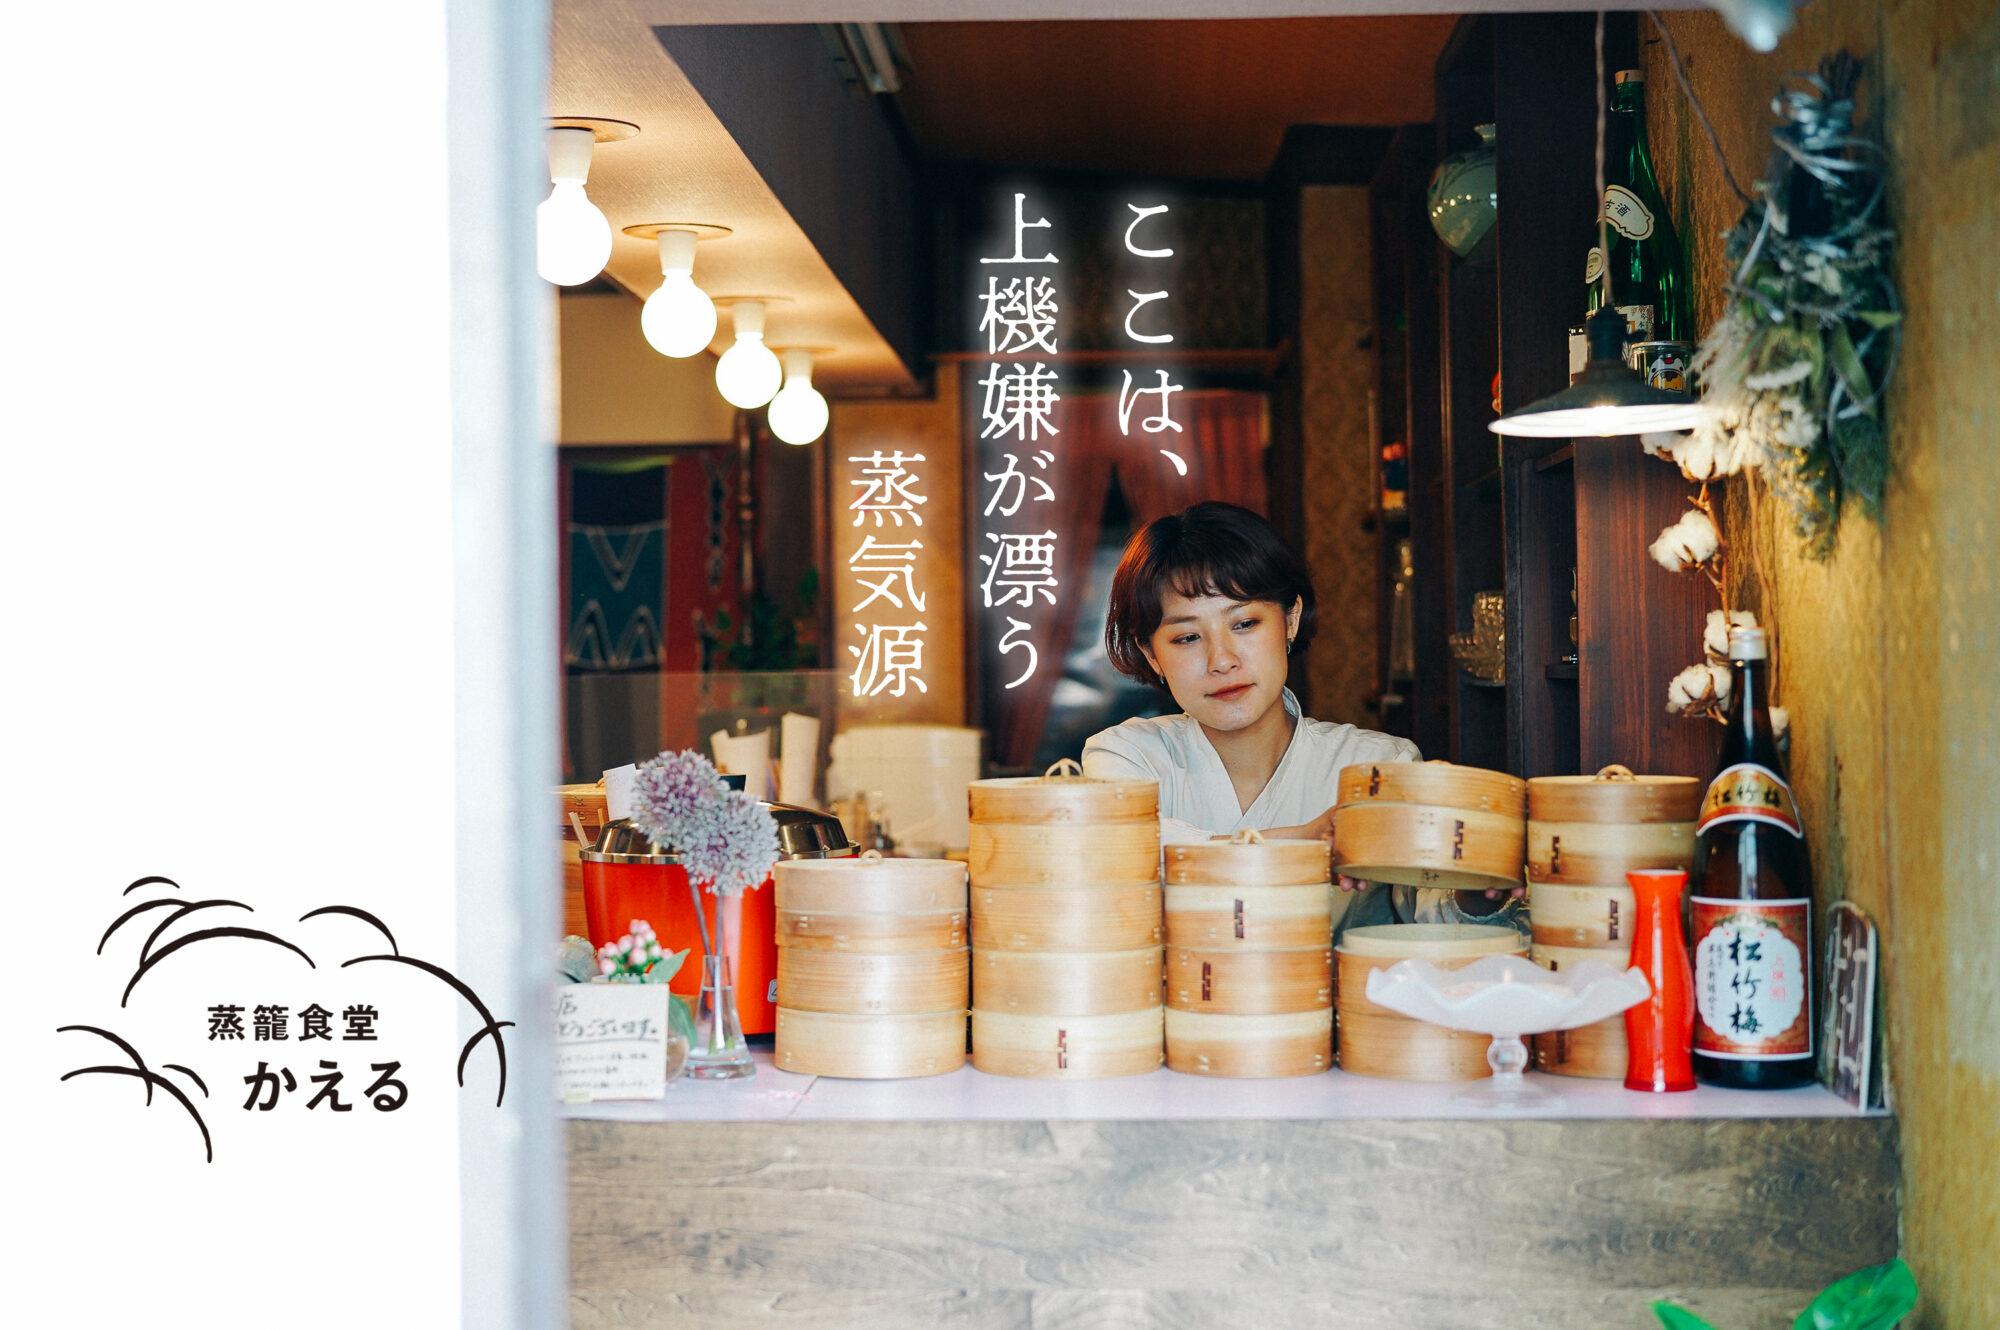 三浦野菜とお酒を愉しむ、蒸し料理の店。女性ひとりで営む「蒸籠食堂 かえる」